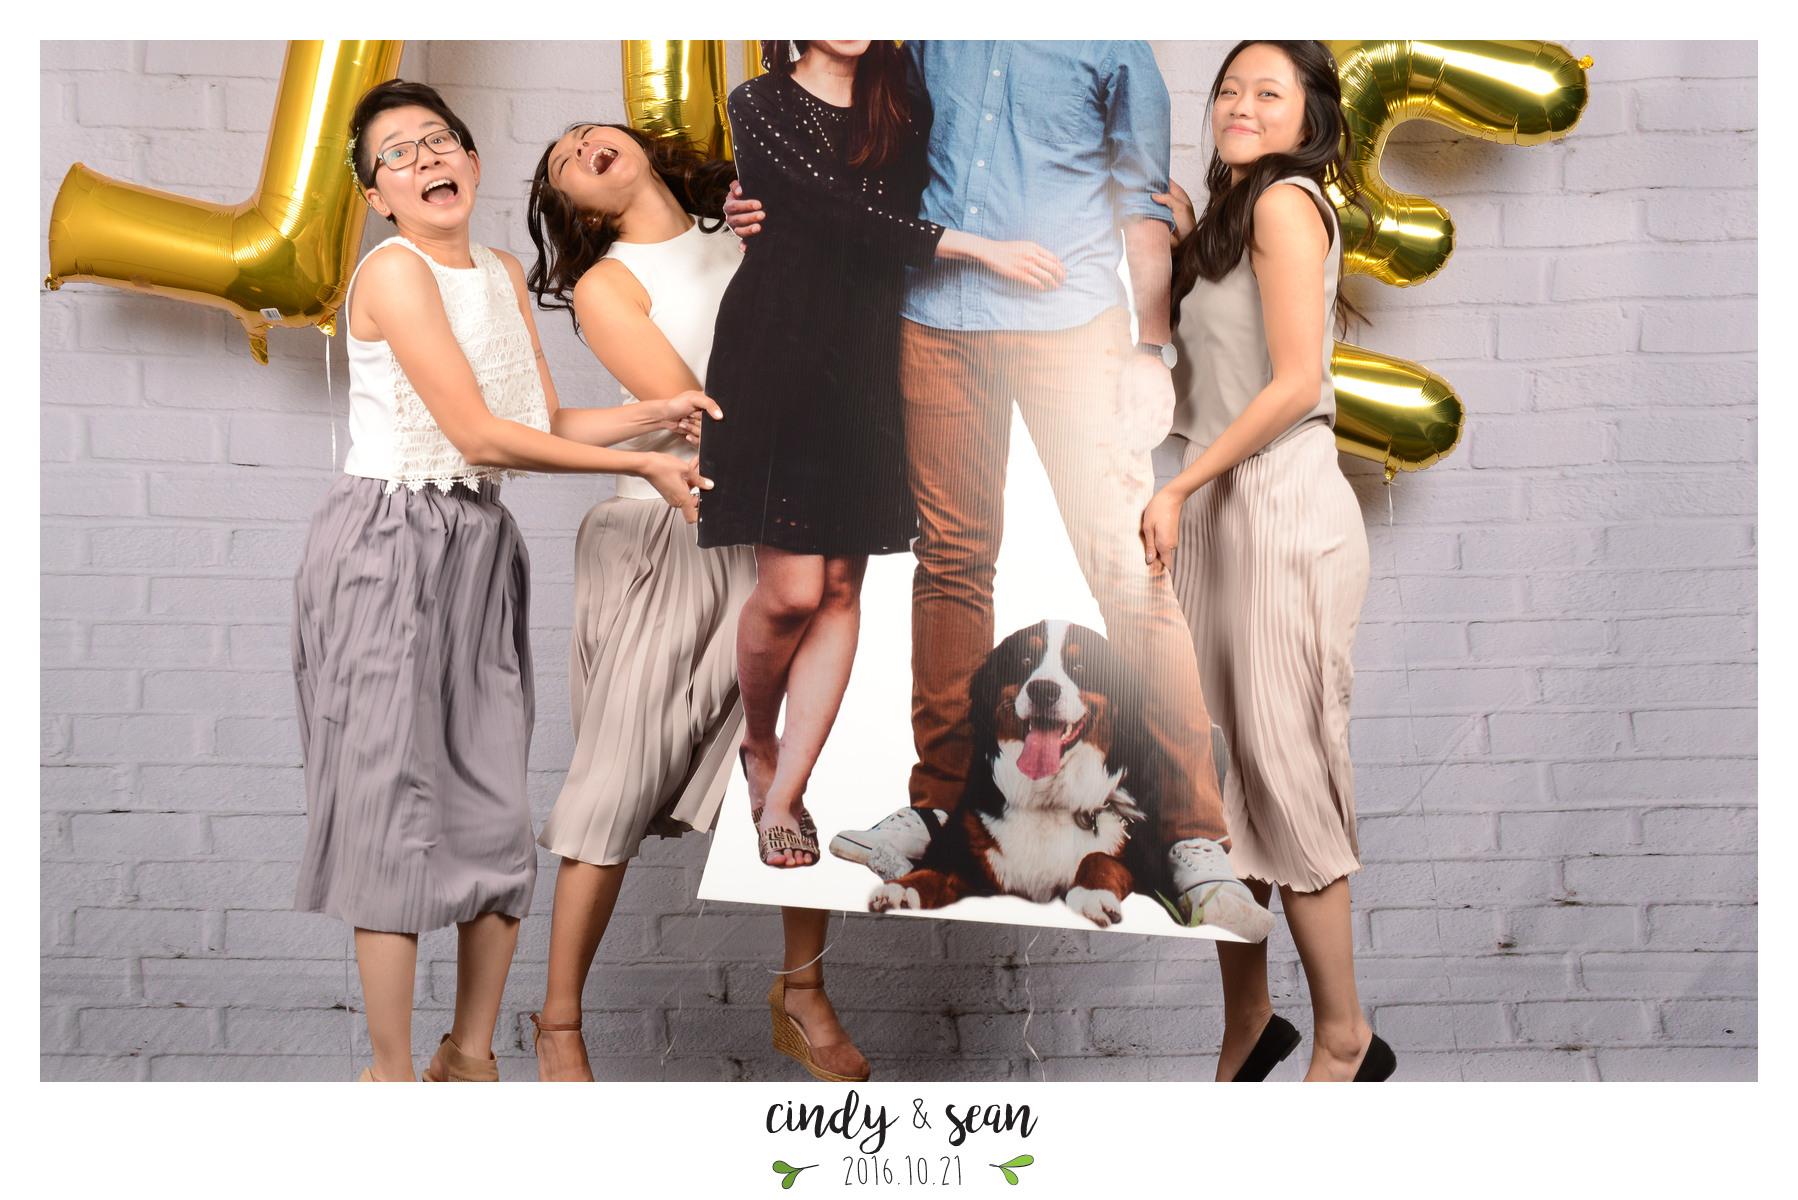 Cindy Sean Bae - 0001-242.jpg